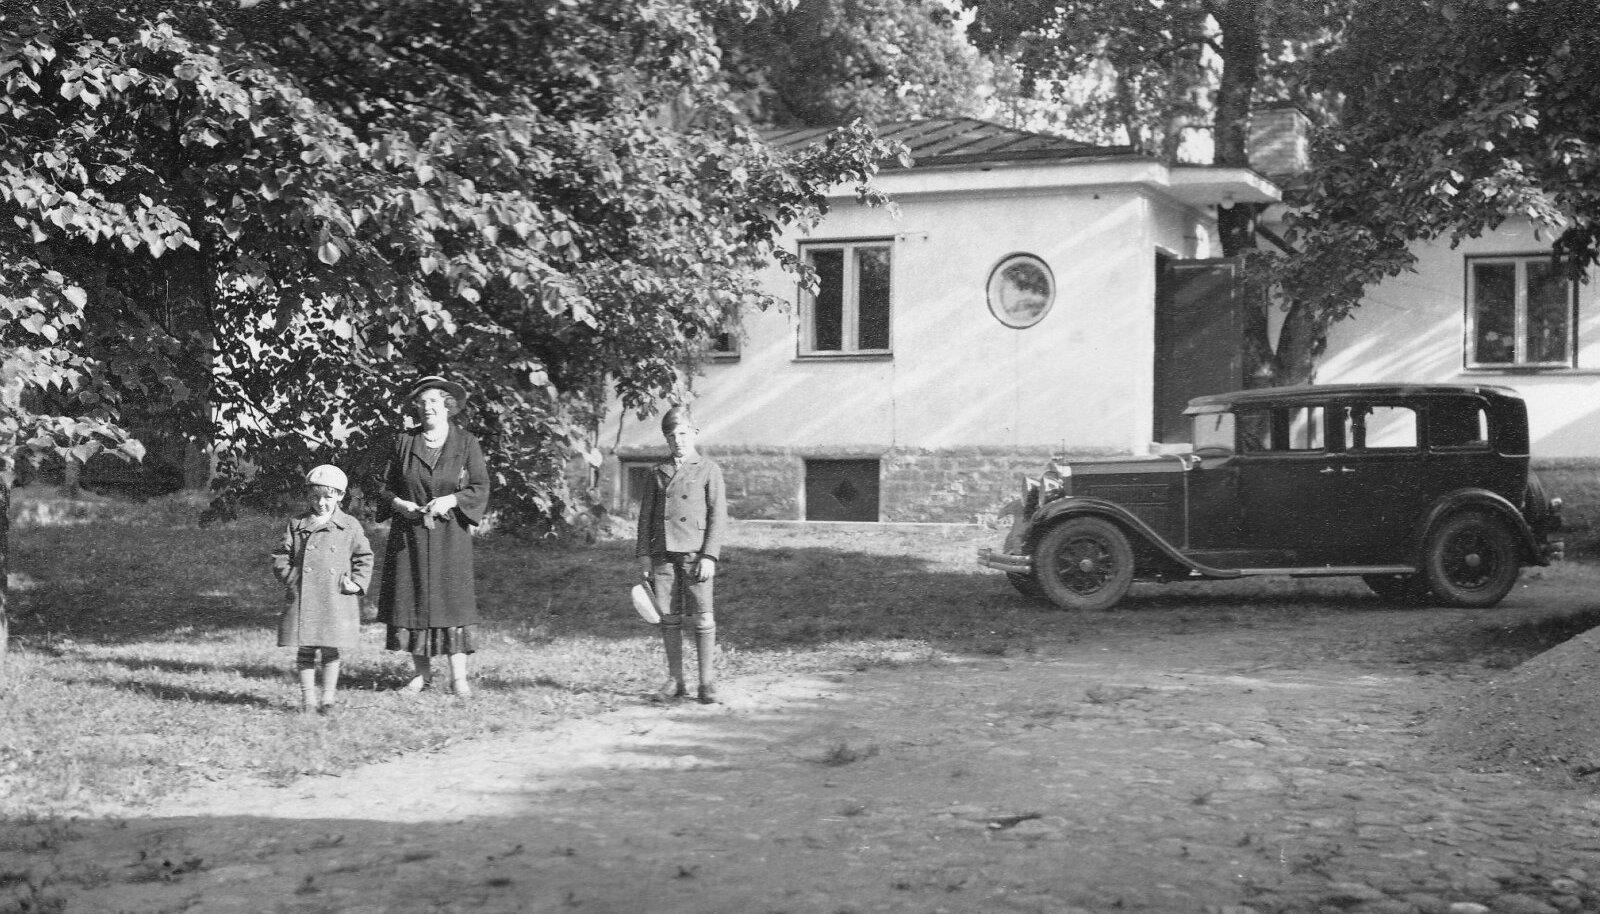 Insener Peterseni abikaasa Emma umbes 1935. aasta paiku lastega maja ees, mis nüüd kavatsetakse lammutada.